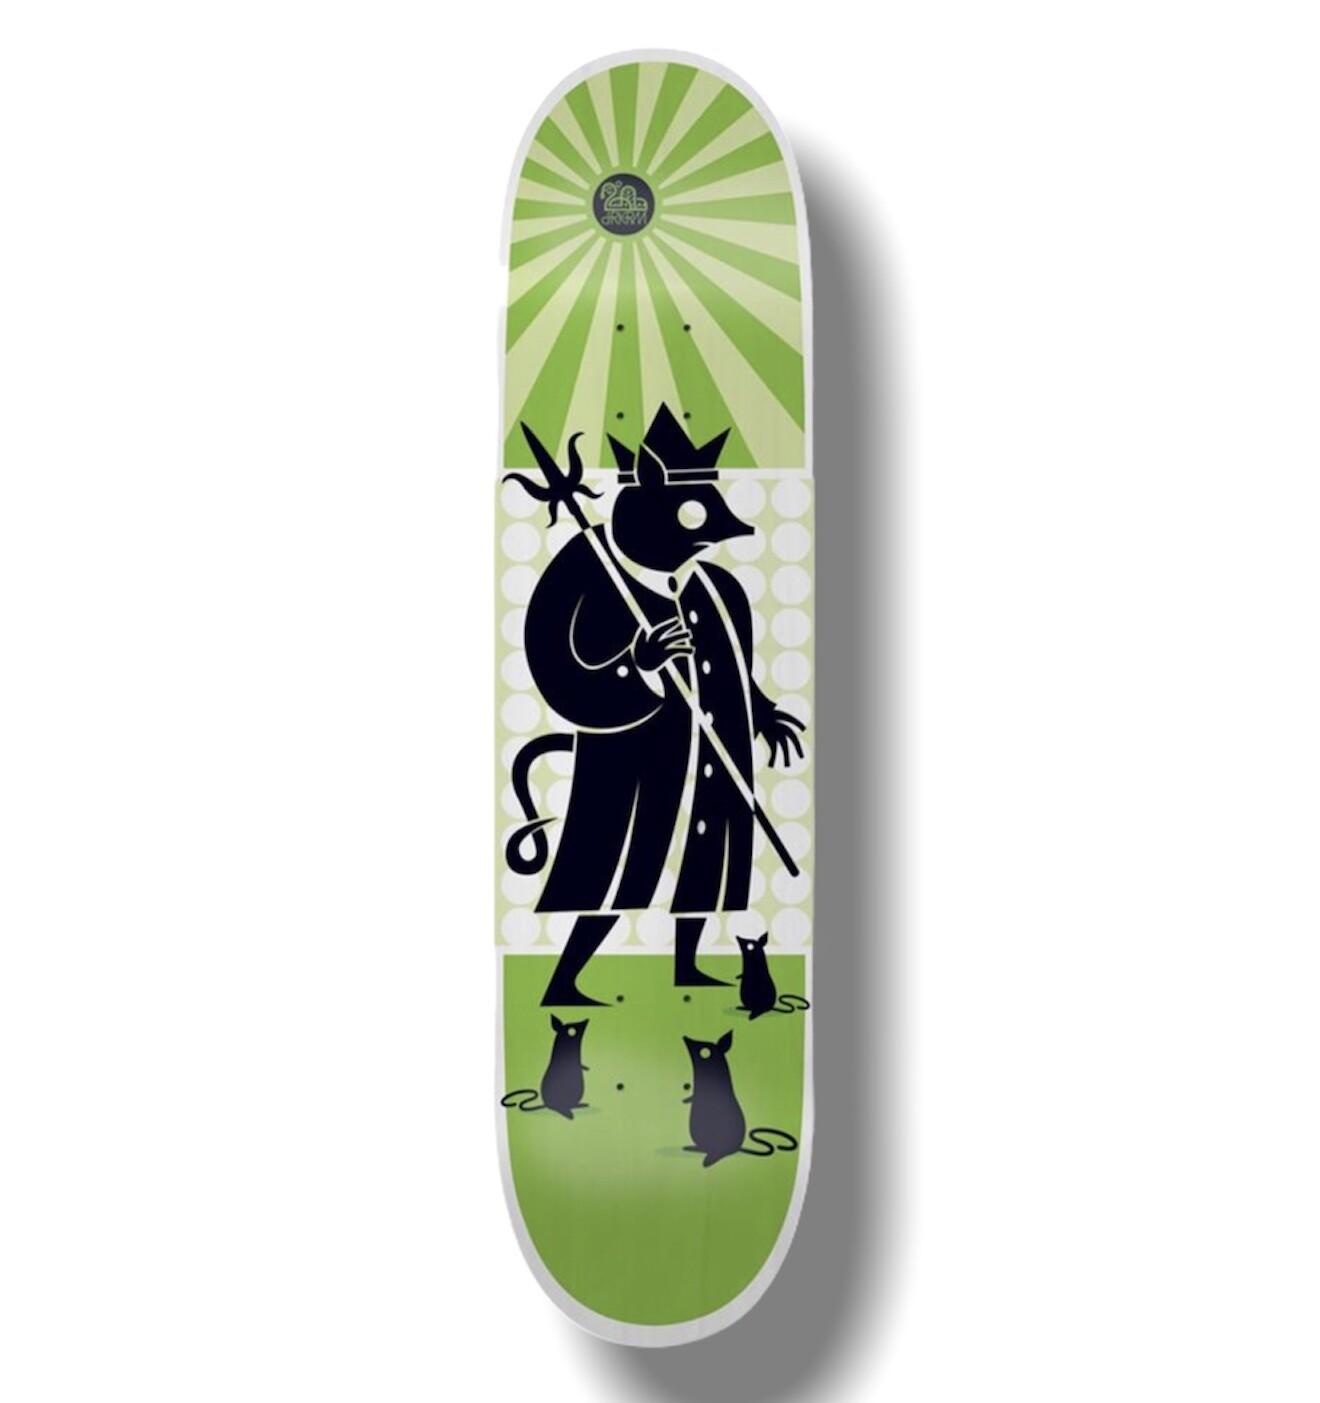 """Beowulf Skateboard Deck (Talisman Sub Series) 8.25"""""""